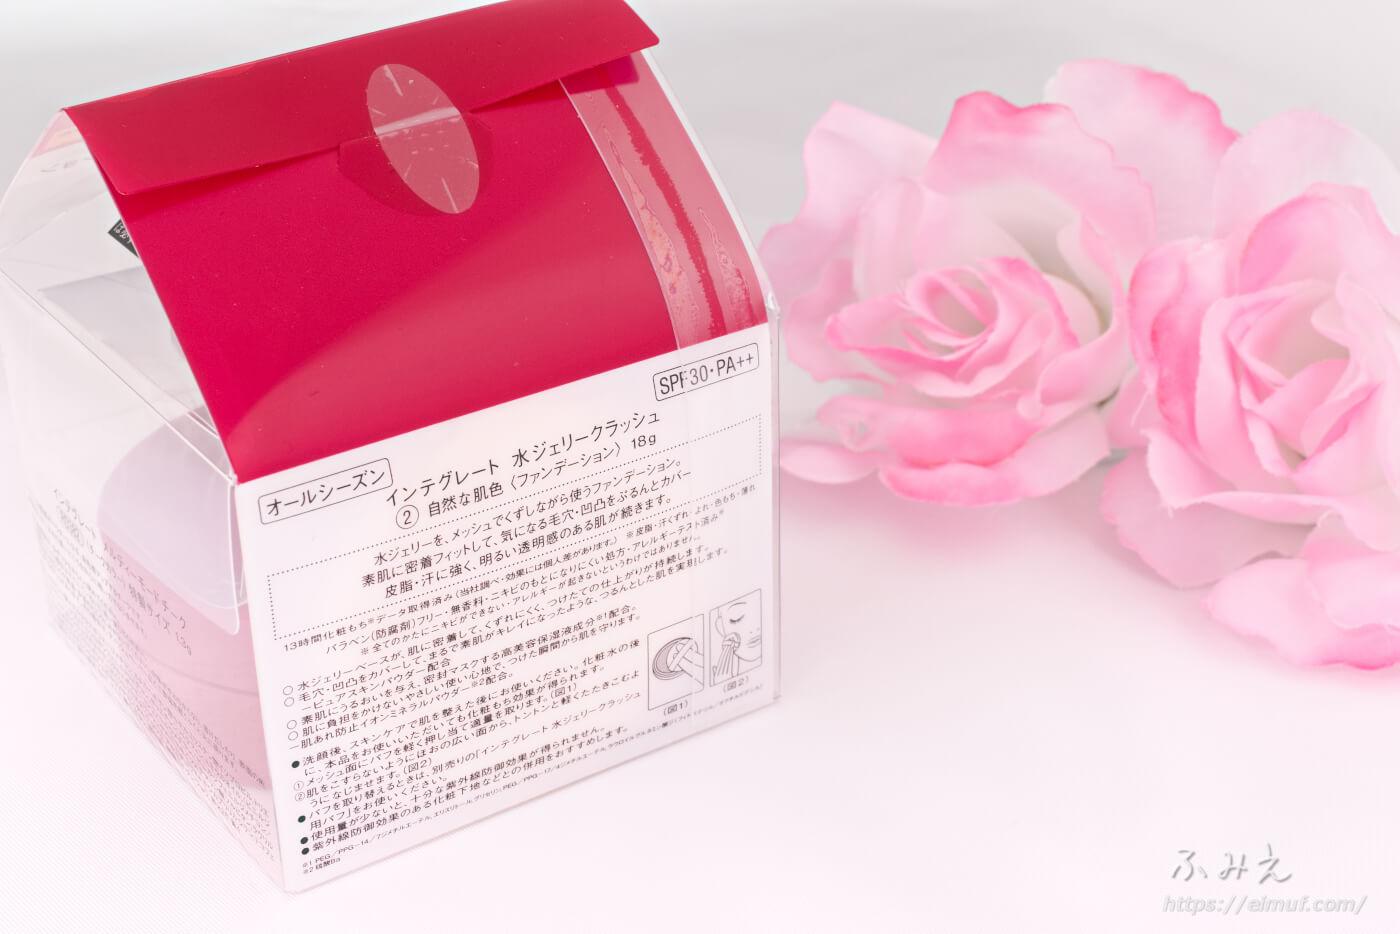 インテグレート 水ジェリークラッシュの特製チーク付きリミテットエディションパッケージ裏面